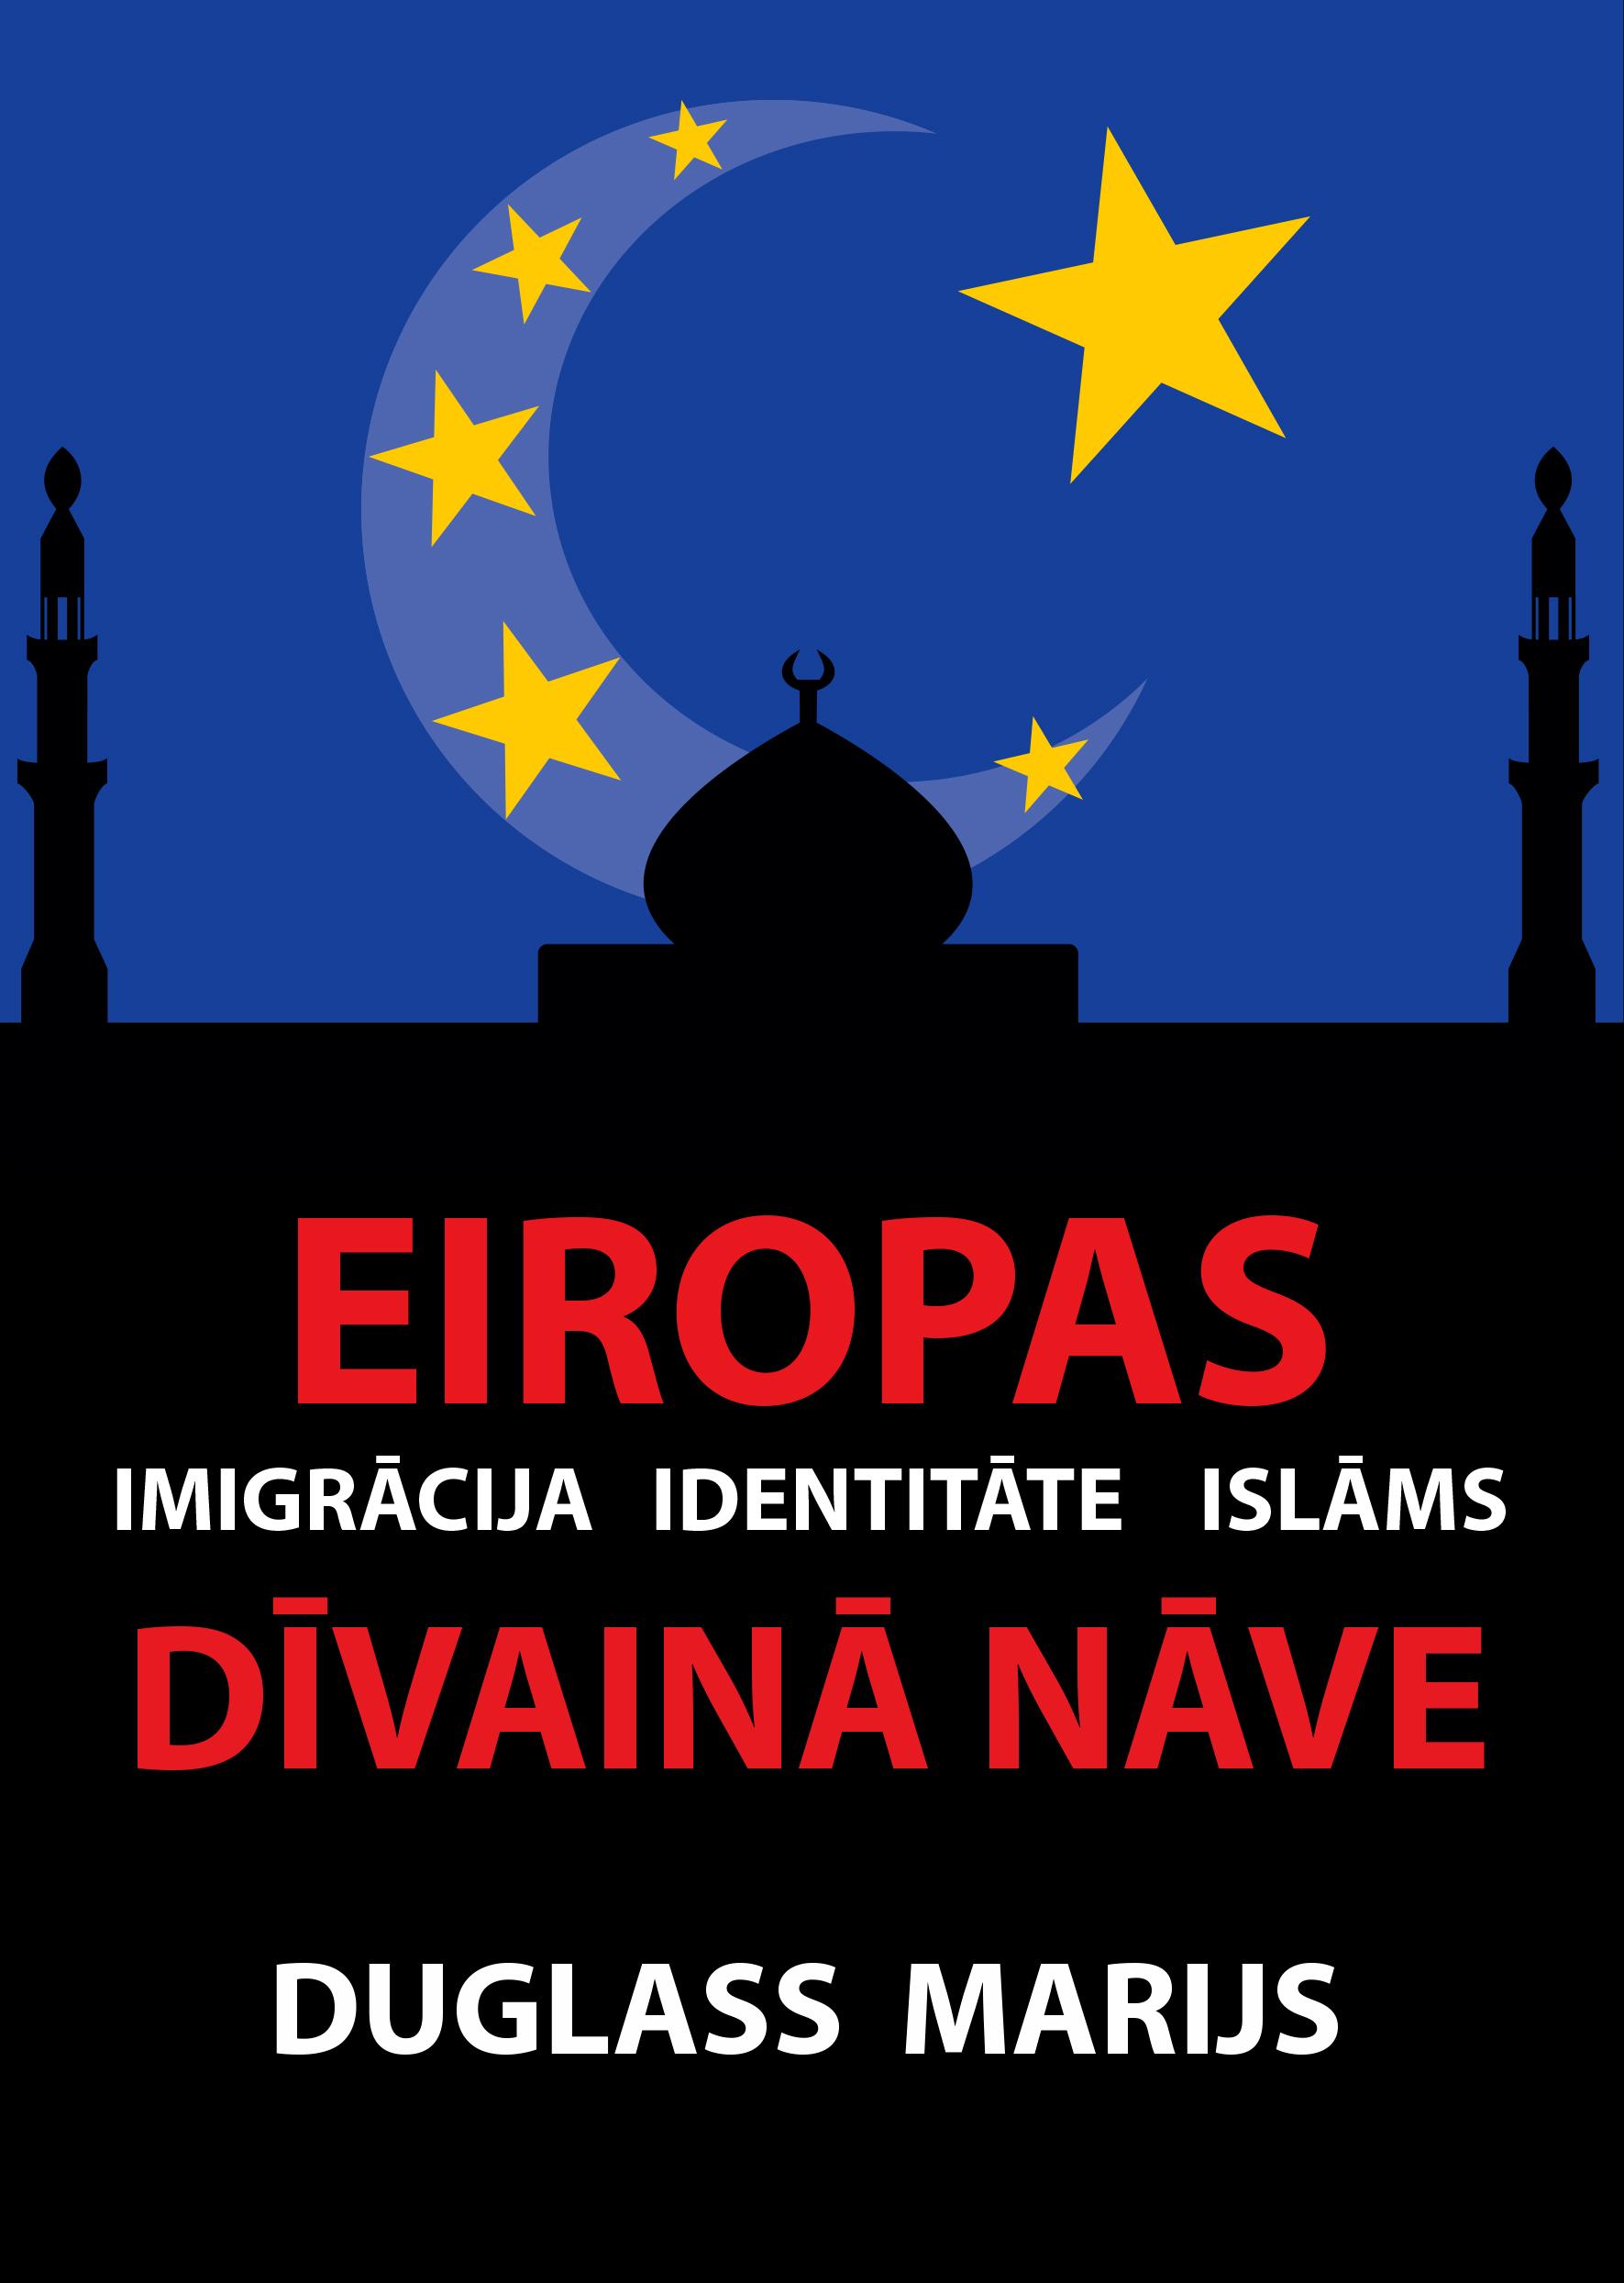 Eiropas dīvainā nāve. Duglass Marijs. Viss, kas jums jāzin par imigrāciju uz Eiropu un tās cēloņiem